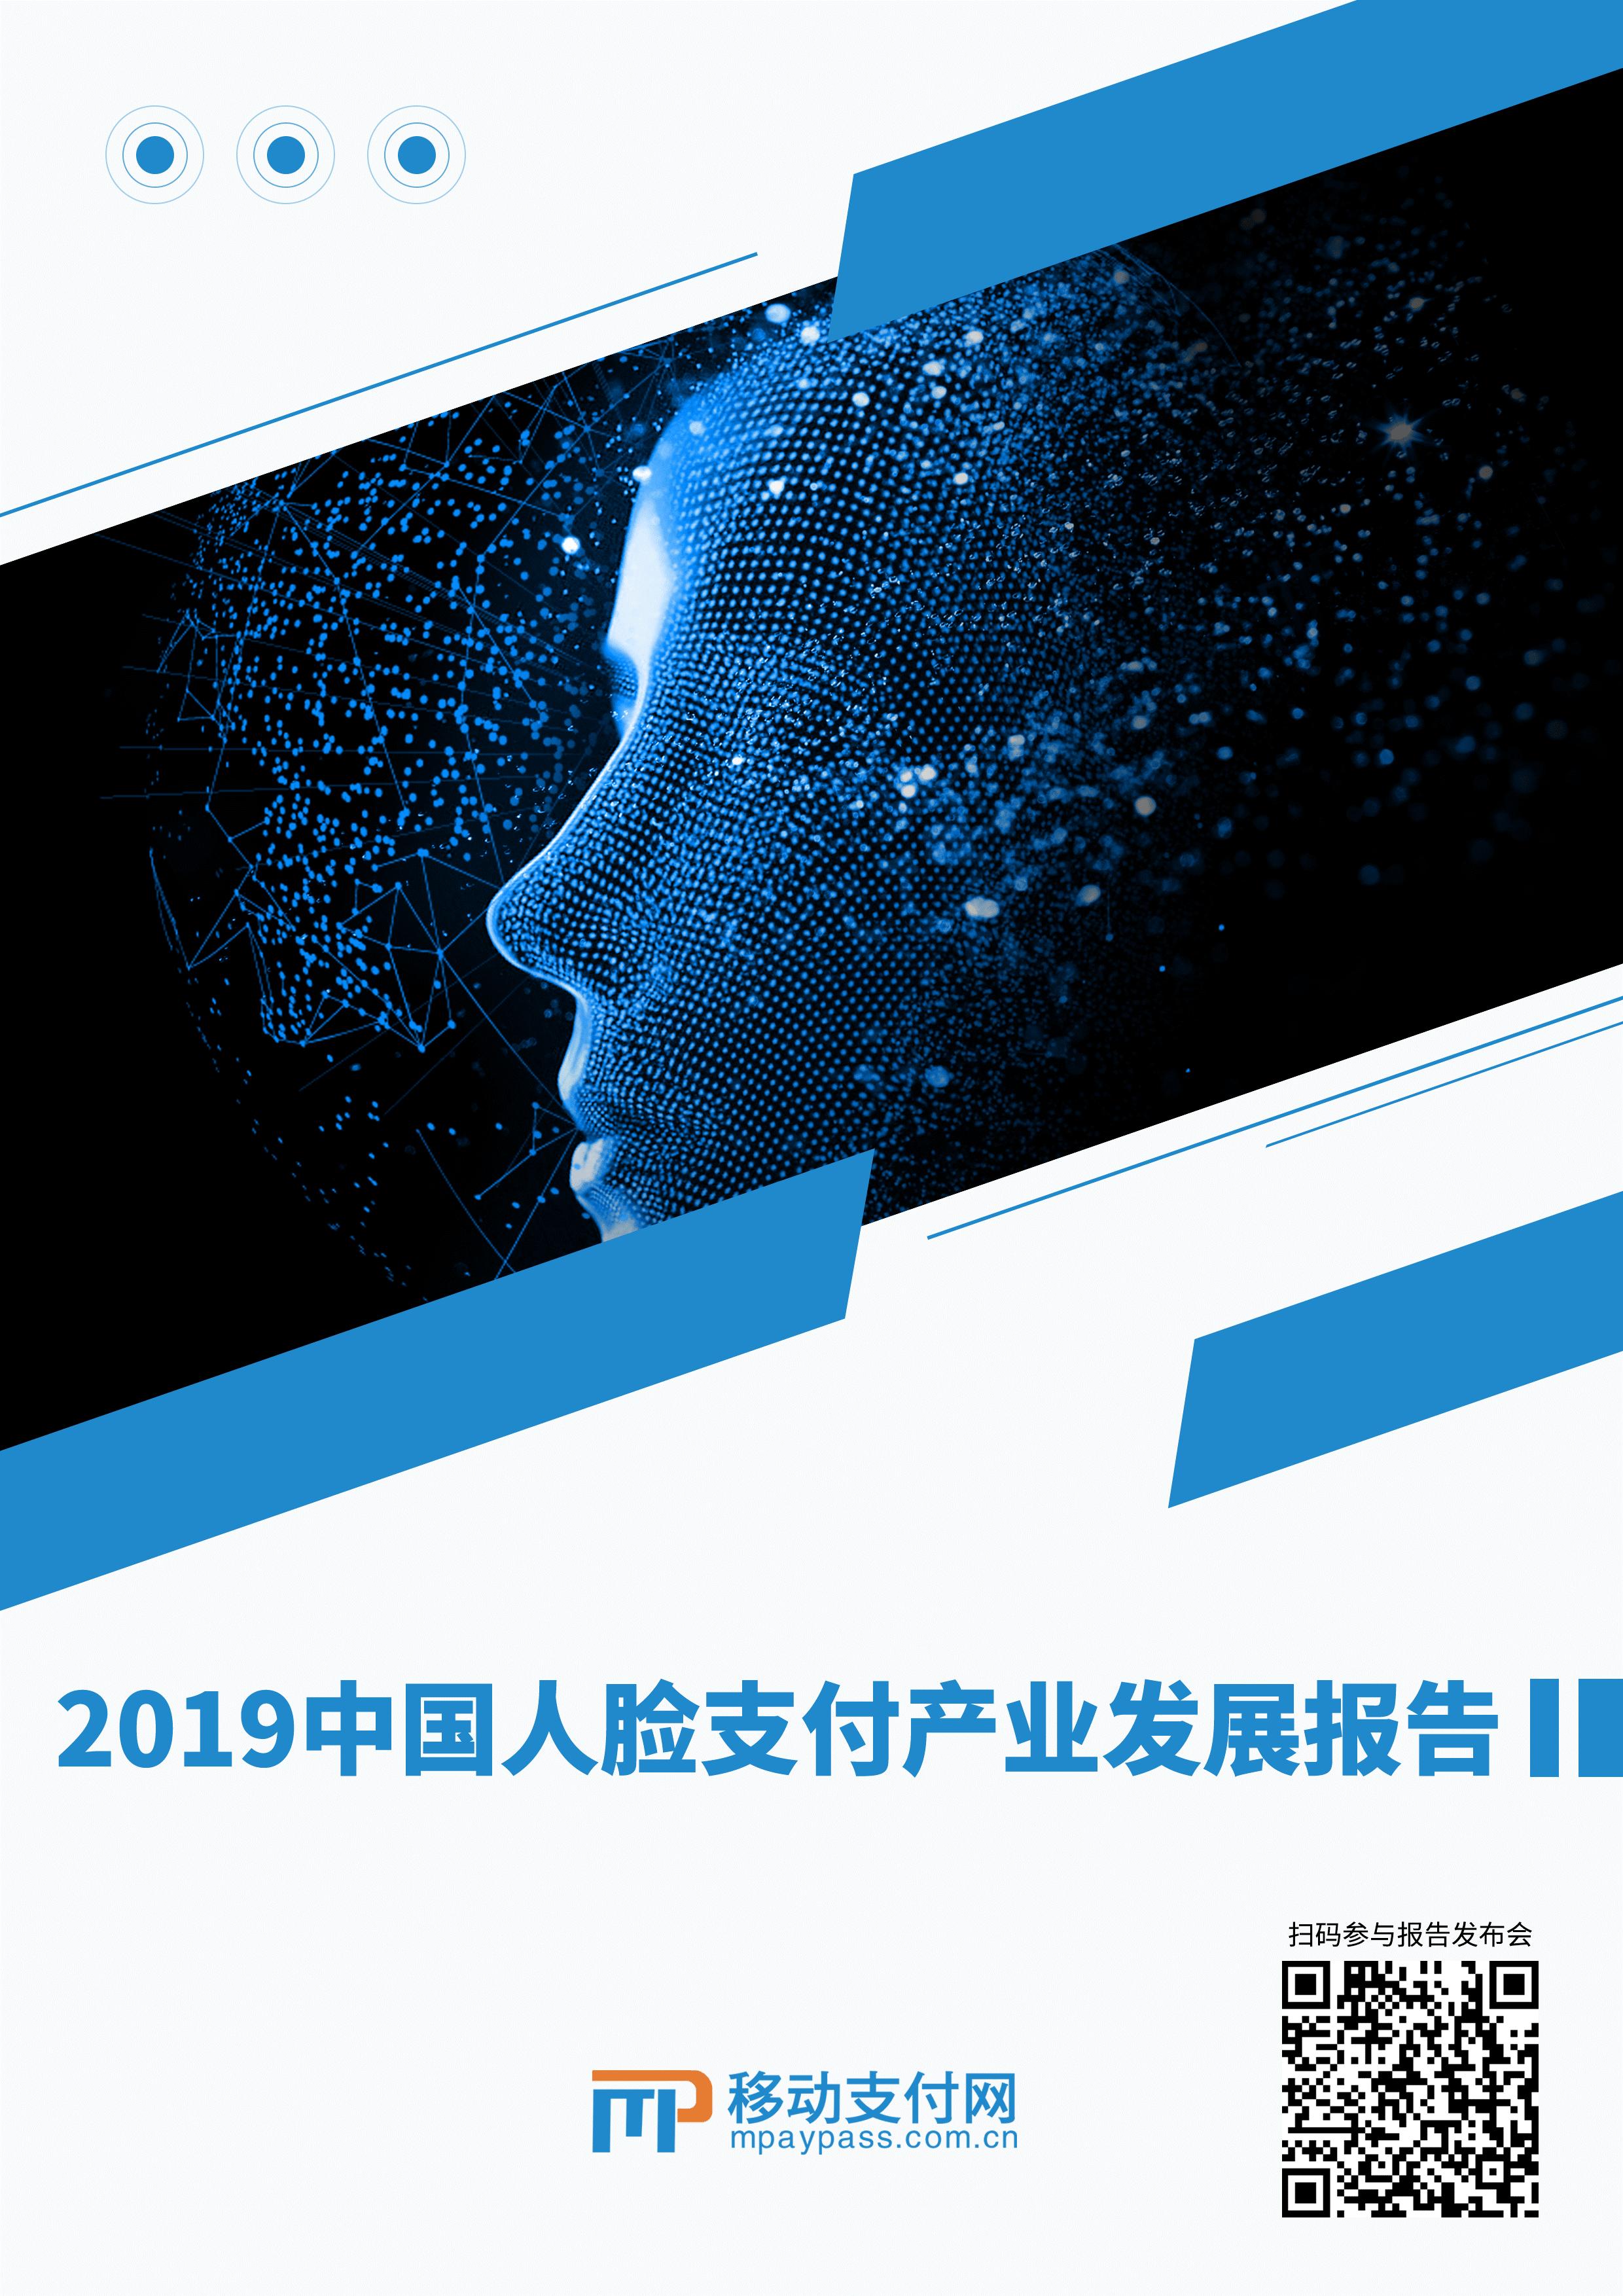 众多支付巨头参与,2019第四届中国移动金融安全大会即将开幕